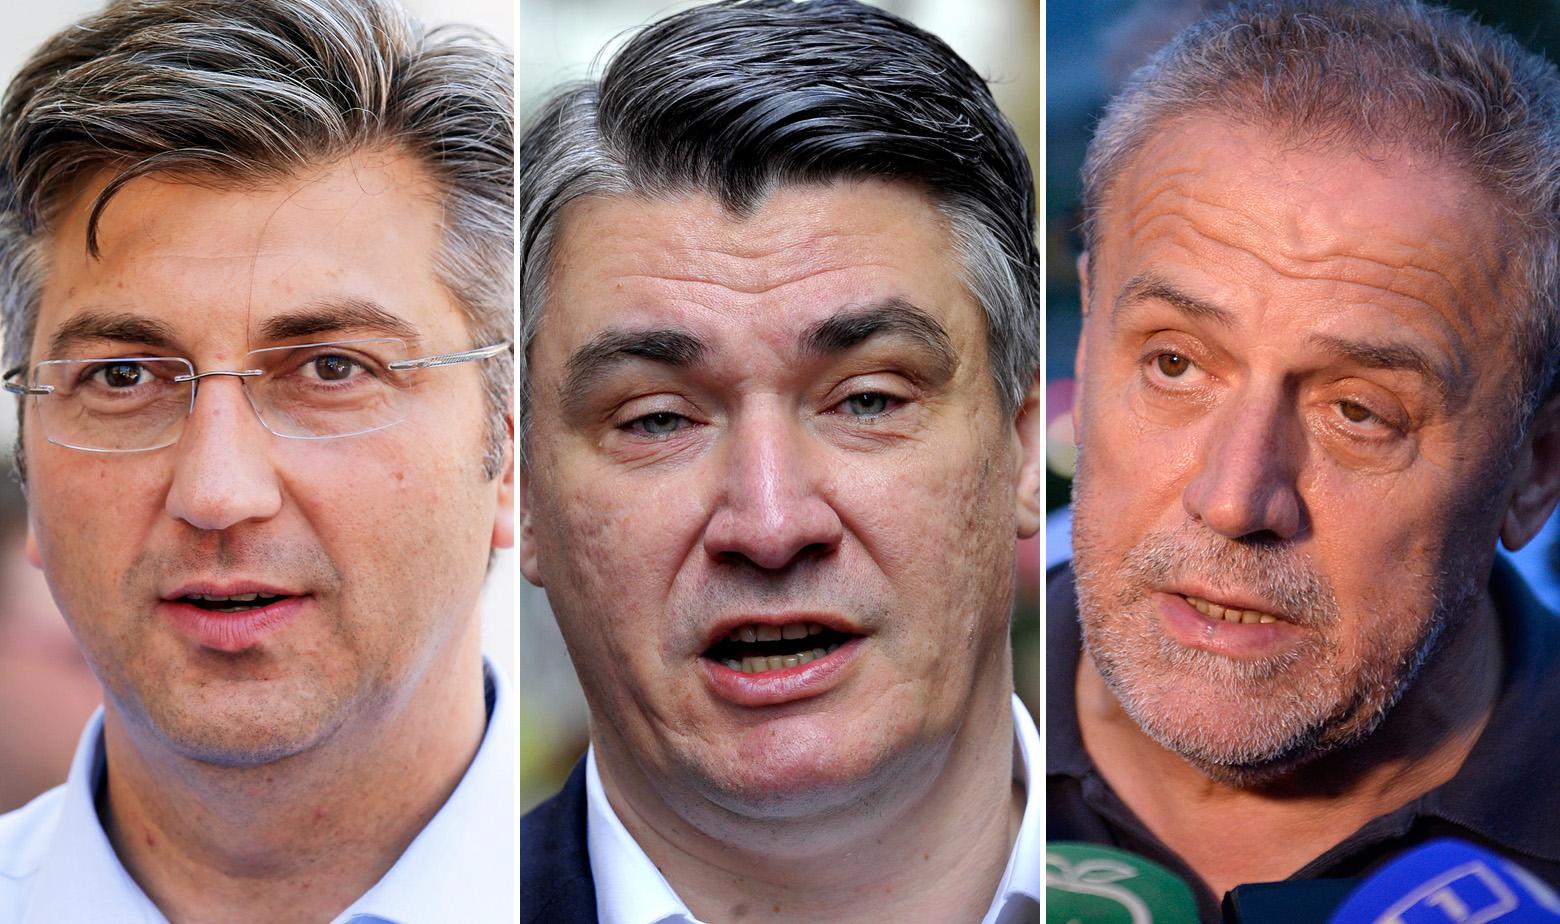 Milanović, Plenković, Bandić